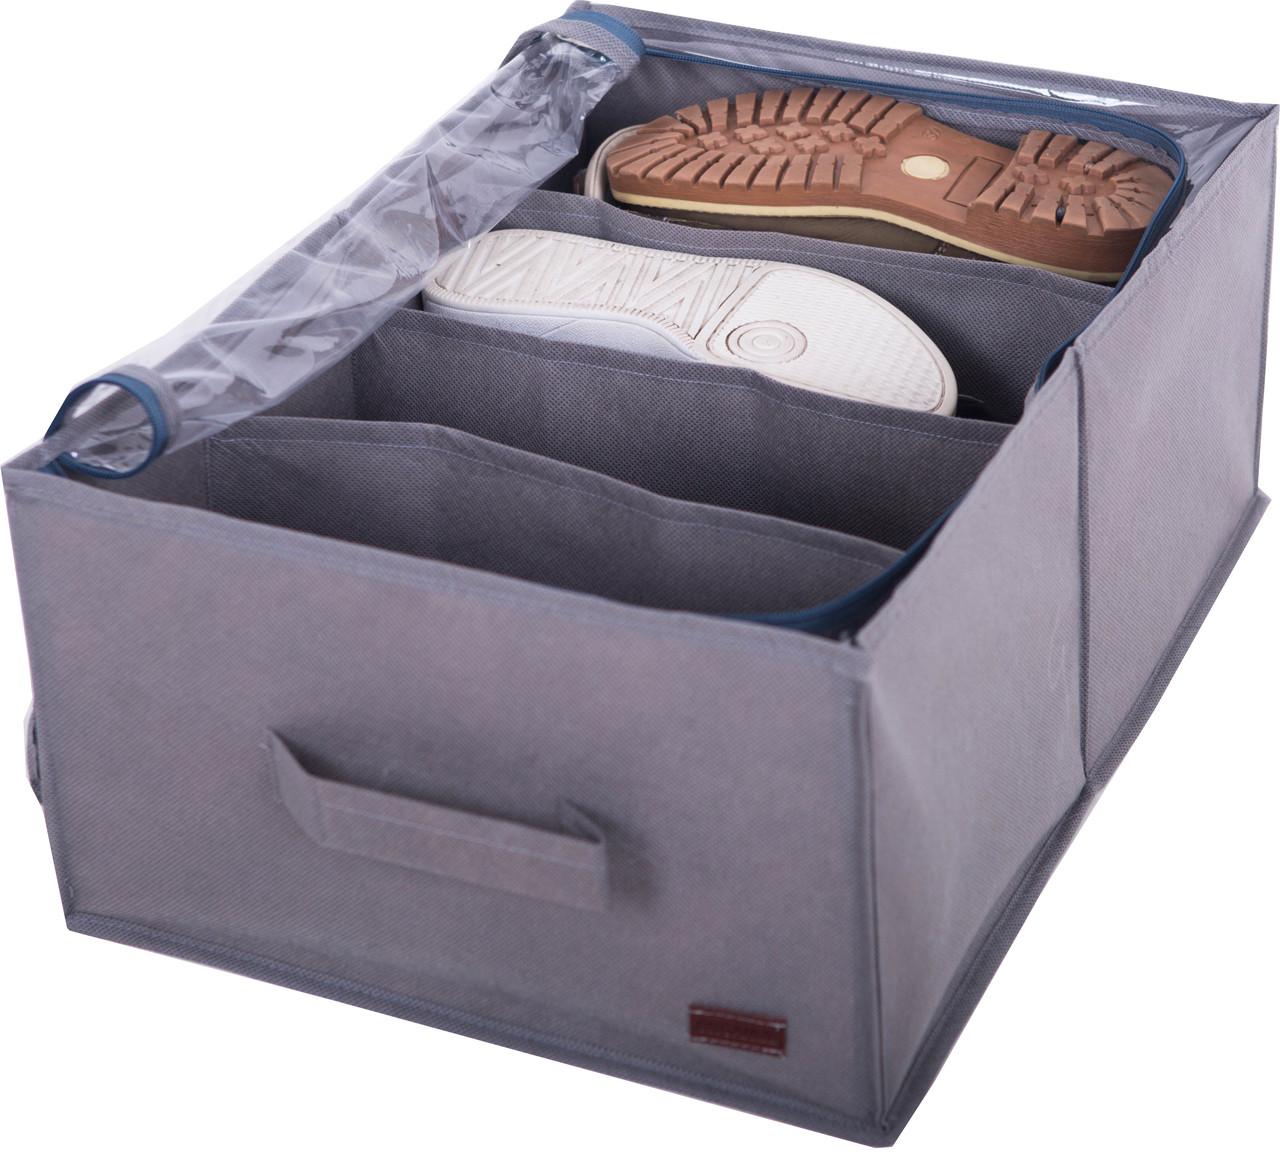 Органайзер для обуви демисезонной на 4 пары Фиолетово-серый